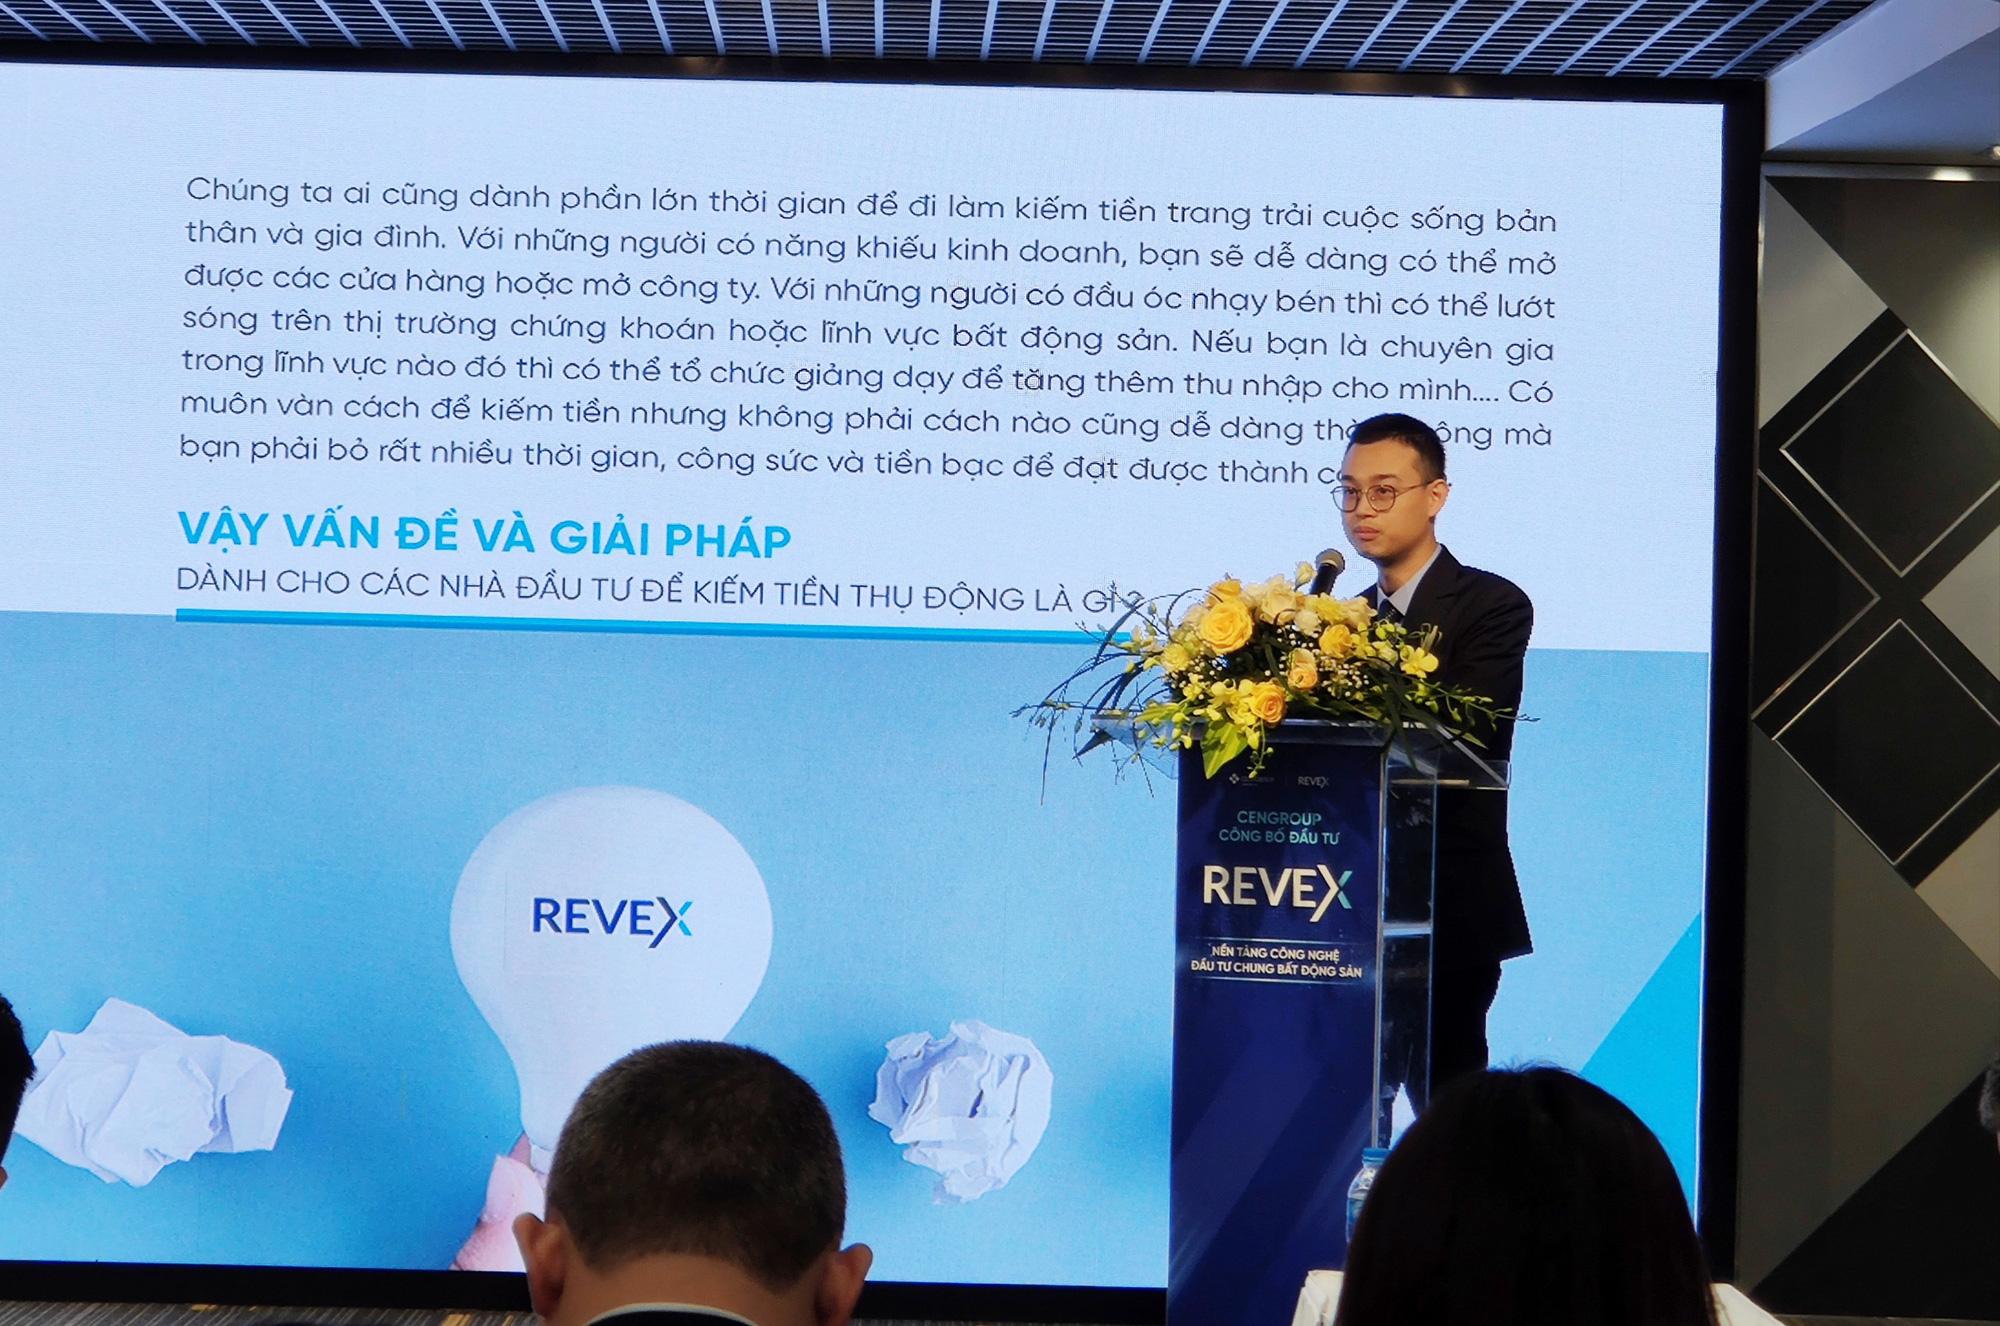 CenGroup rót 1 triệu USD vào nền tảng Revex, tham vọng vượt thị trường chứng khoán trong tương lai - Ảnh 3.